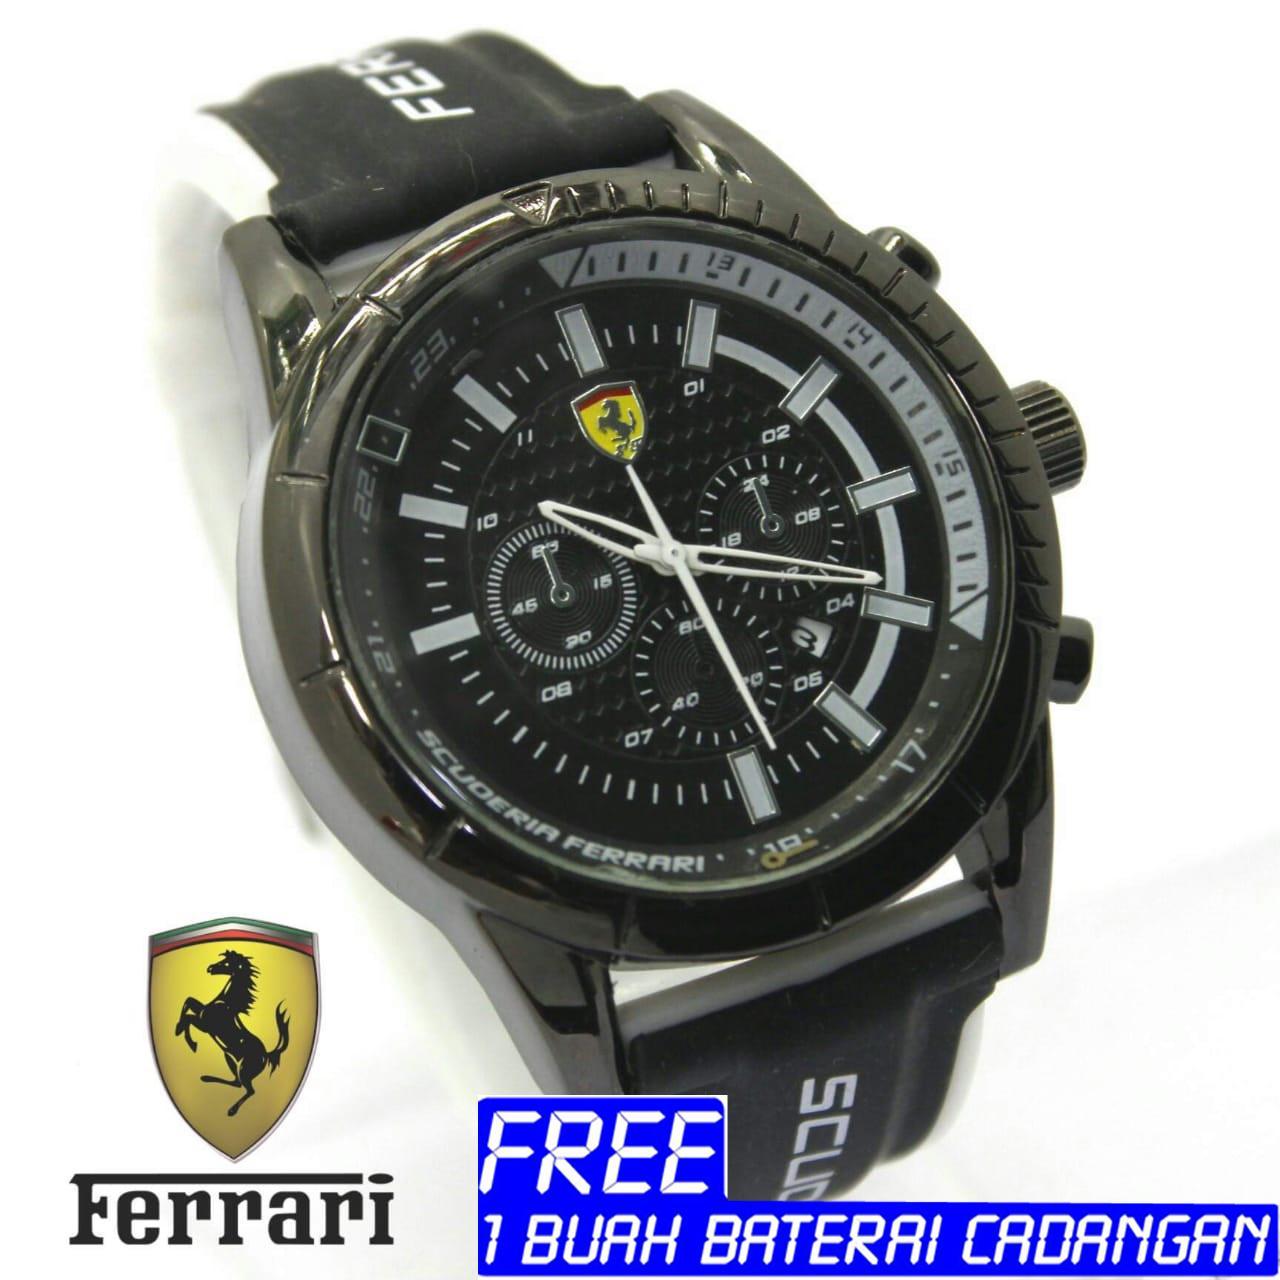 Harga Jam Tangan Lelaki Ferrari Termurah Februari 2019  9a8aaccca2